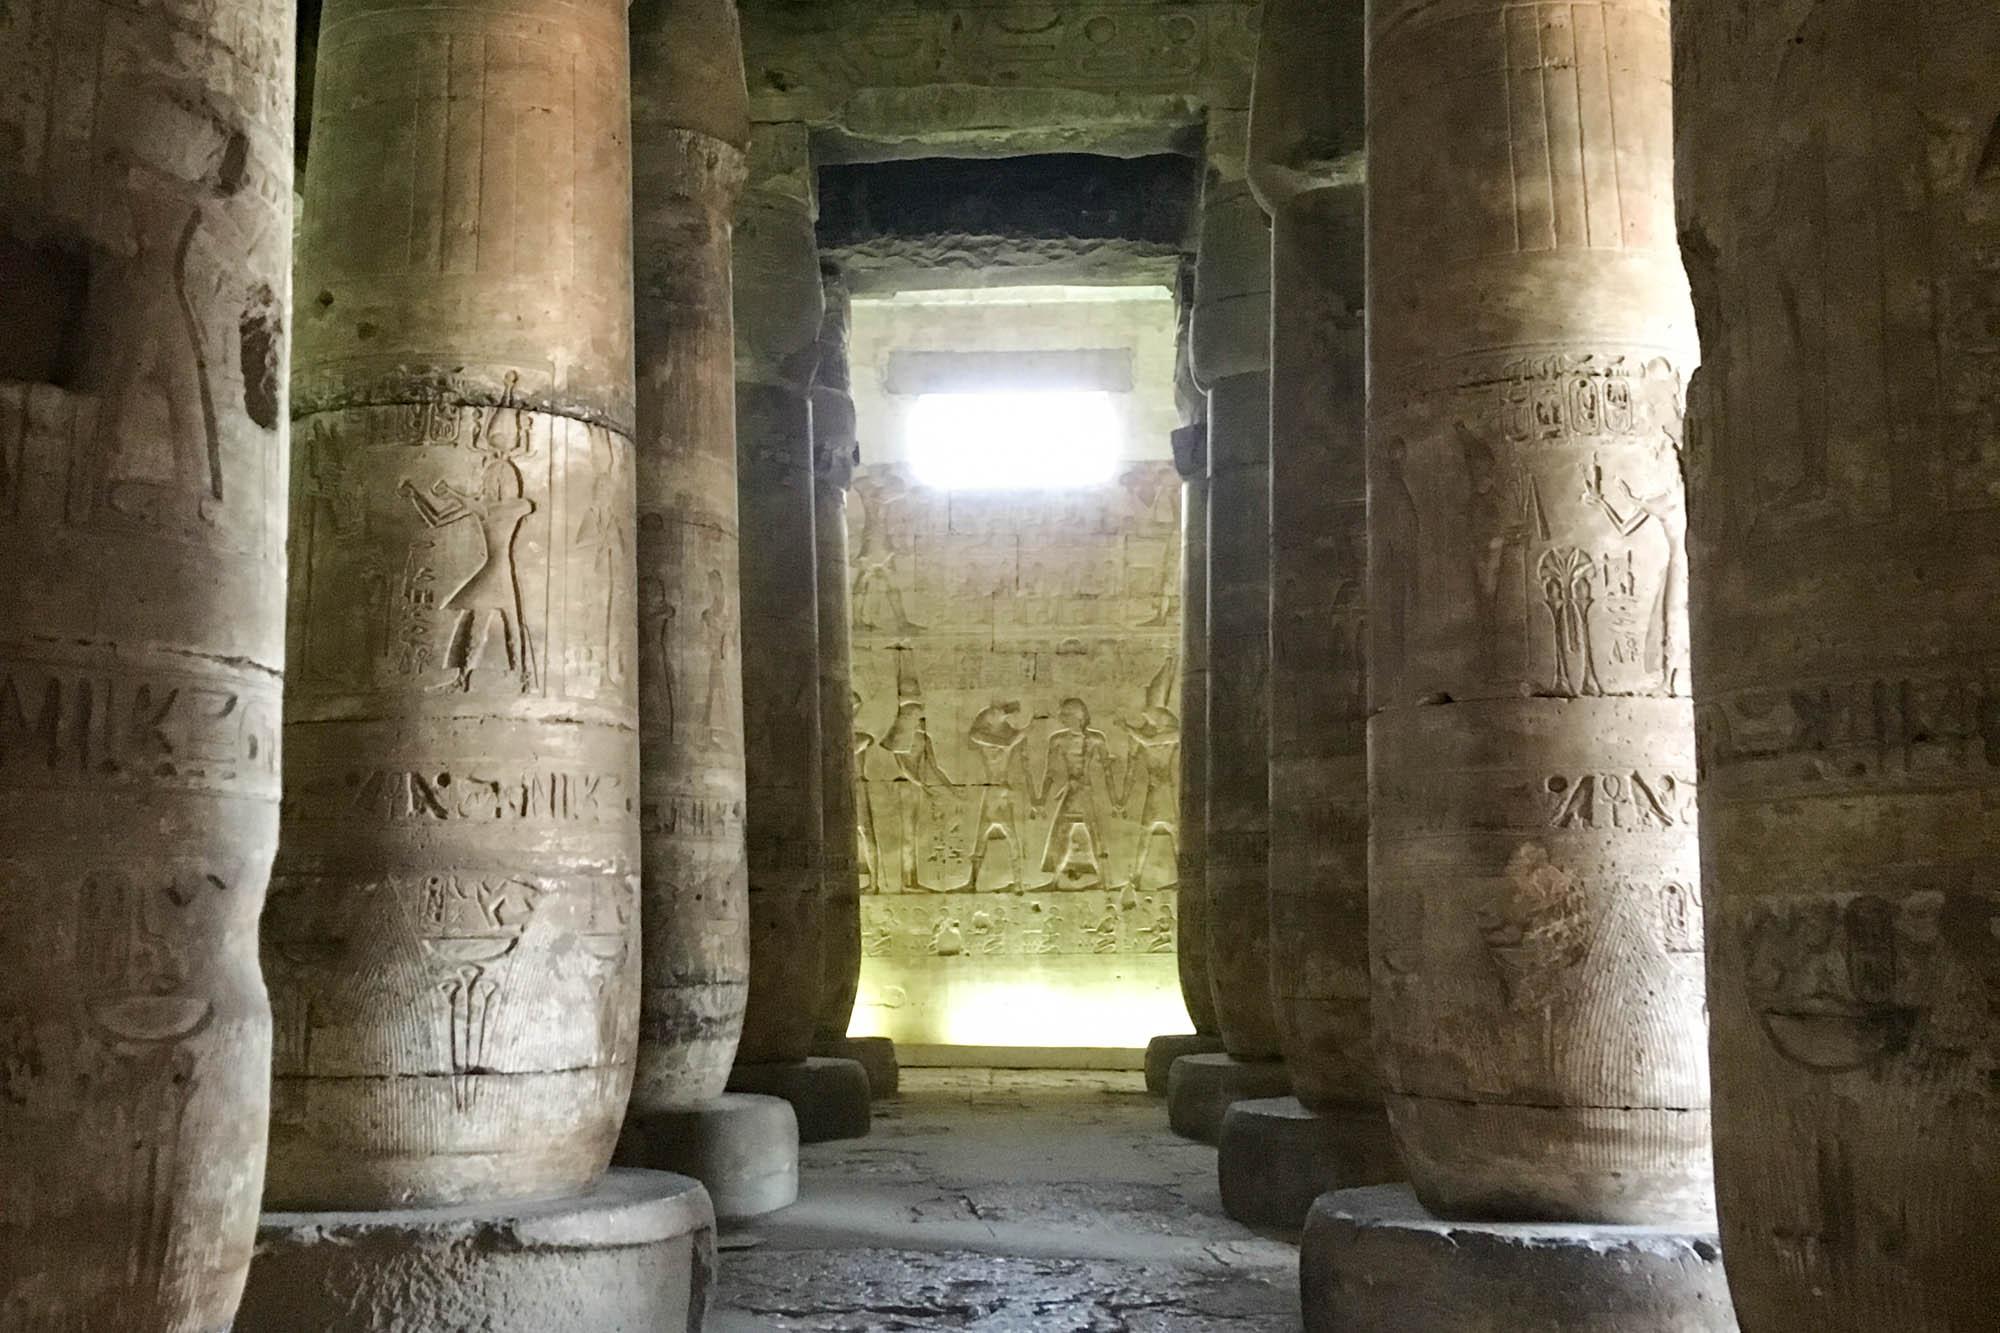 Ein Gang in der ersten Säulenhalle des Tempels von Sethos I. in Abydos. 24 Papyrussäulen tragen die noch fast vollständig erhaltene Decke aus der 19. Dynastie. Foto: Lothar Ruttner